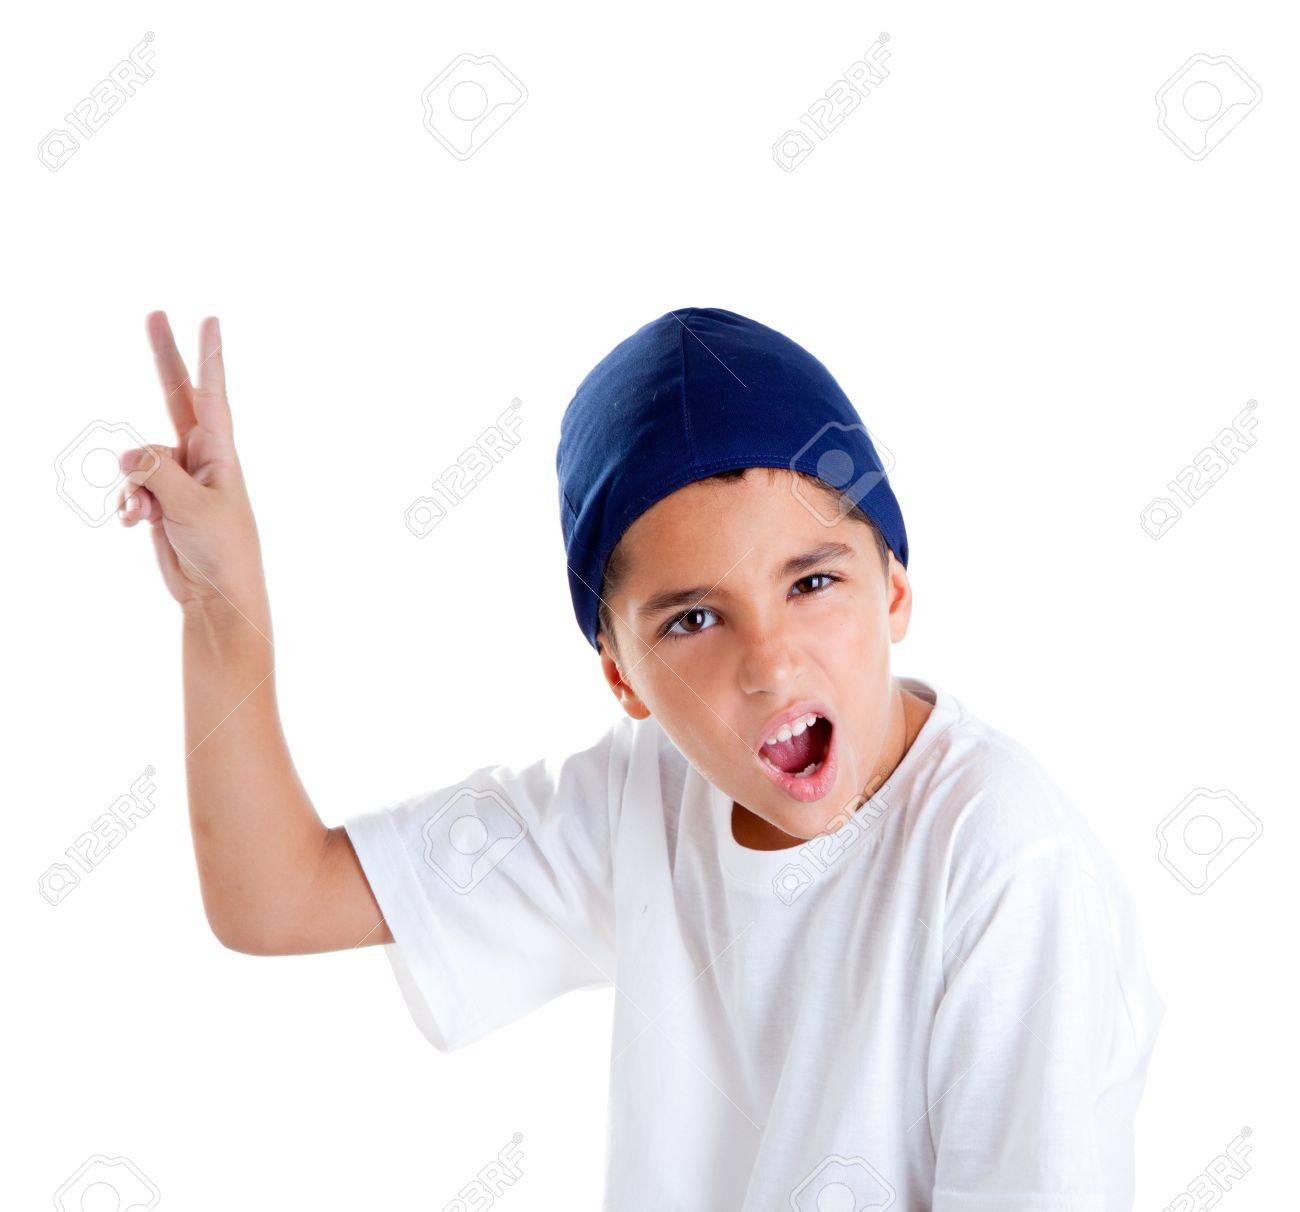 b8f7e21930e41e Blauwe pet kind jongen met overwinning handgebaar portret geïsoleerd op wit  Stockfoto - 12382366